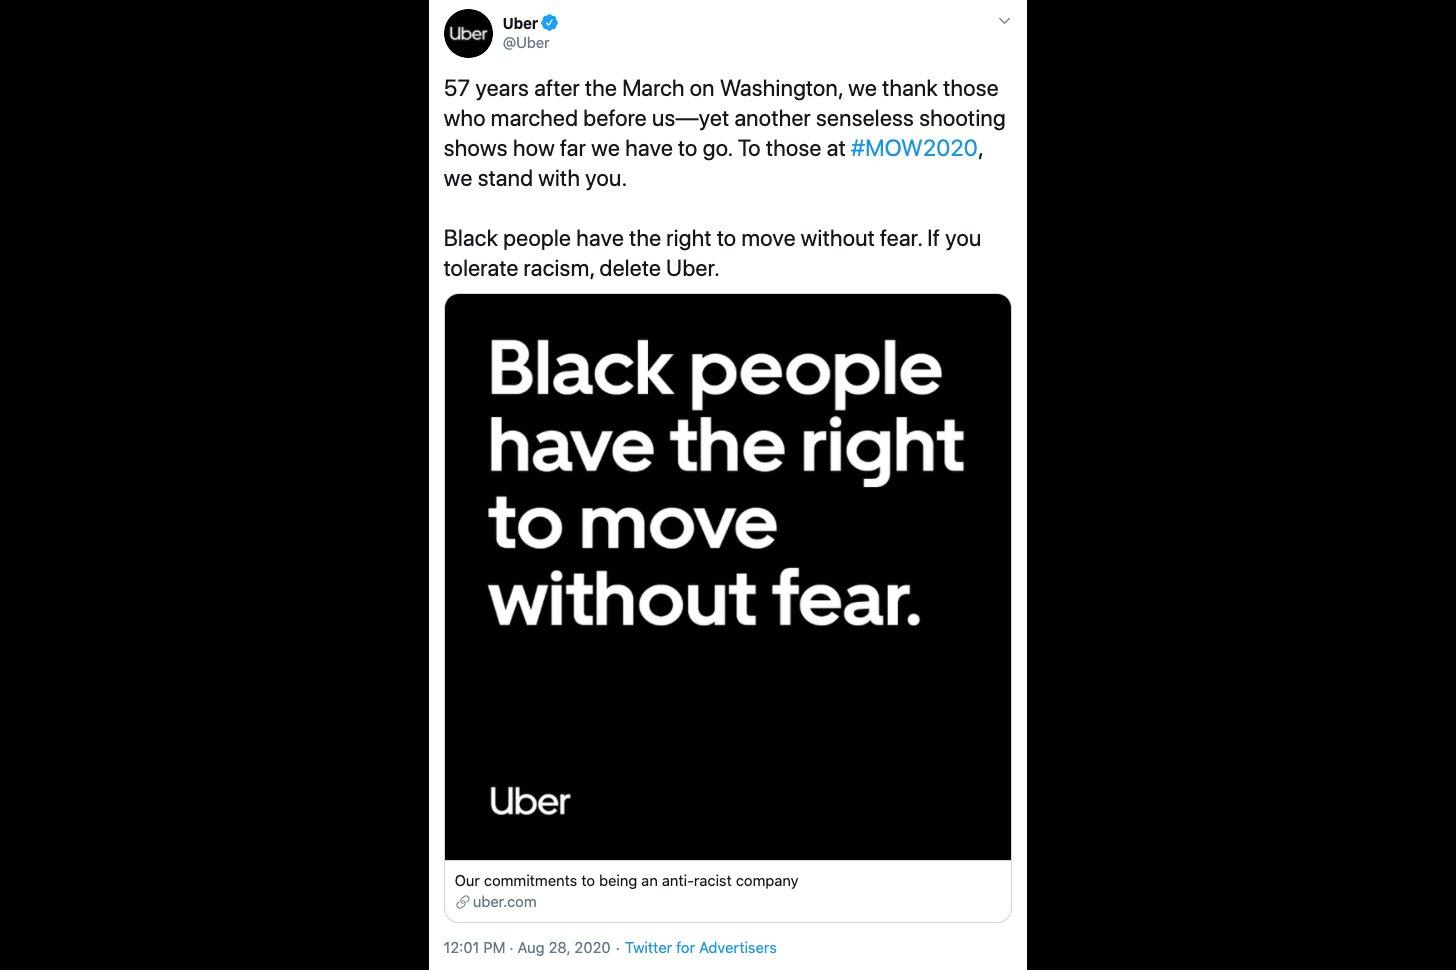 20200828_Uber_racism_tweet_3x2.jpg